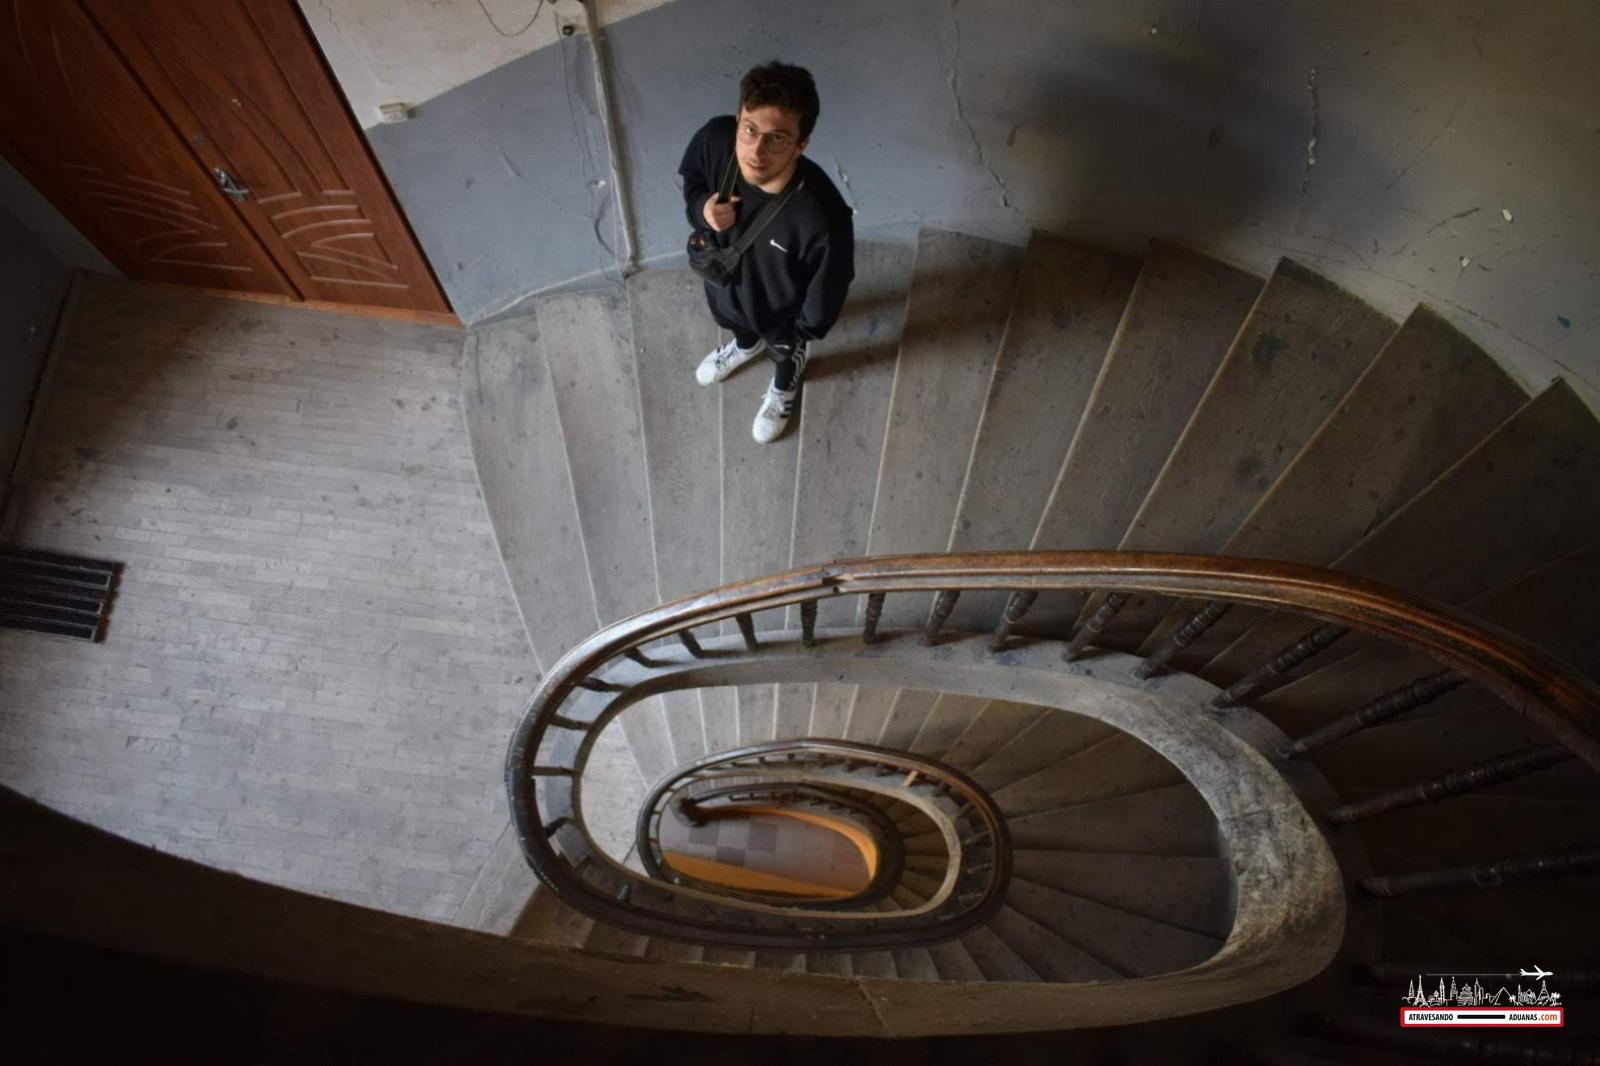 escaleras del A1 hostel